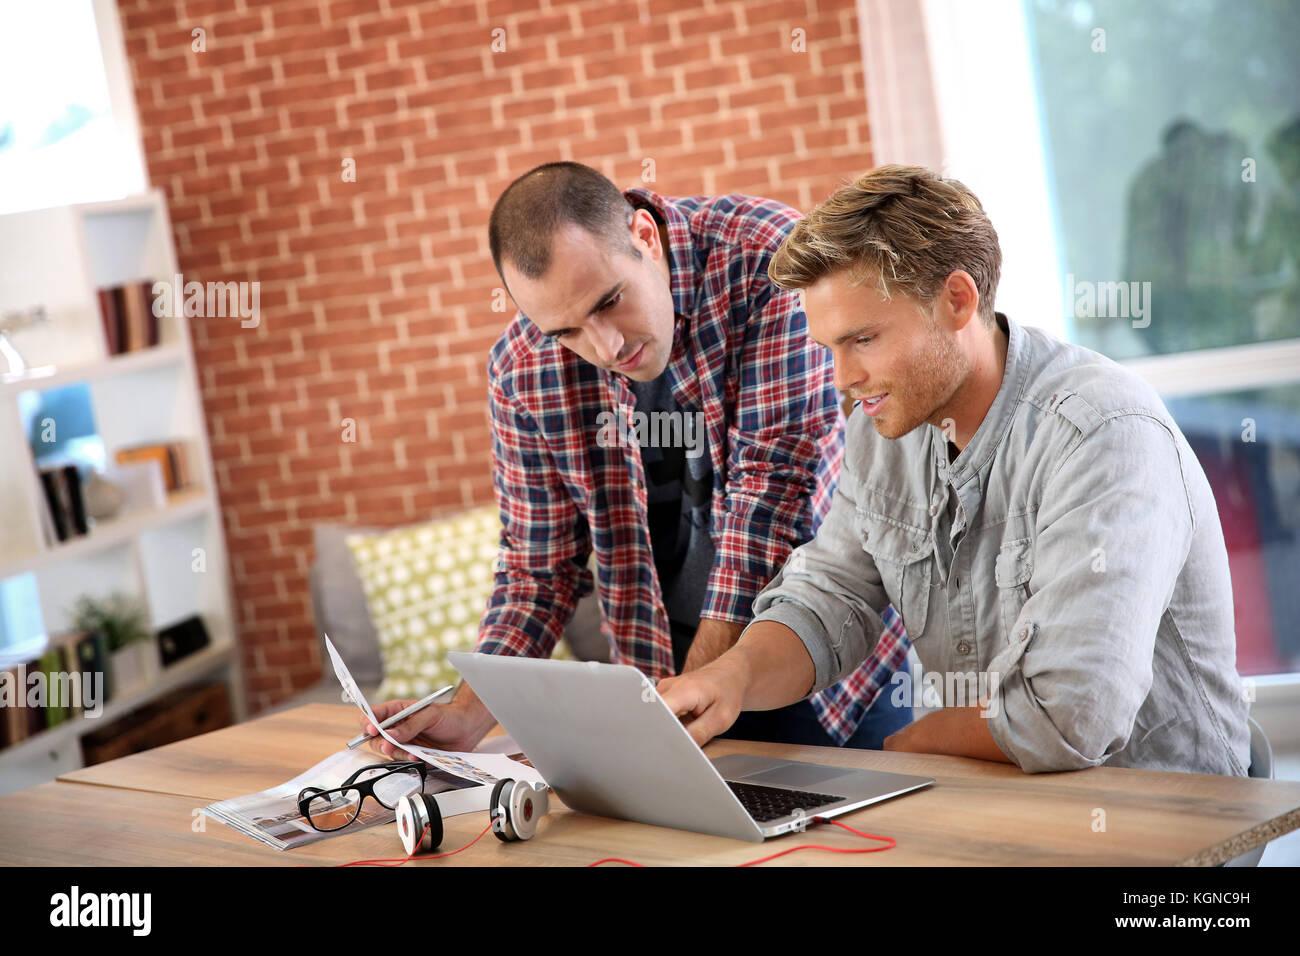 Les jeunes hommes qui étudient en avant du coffre Photo Stock